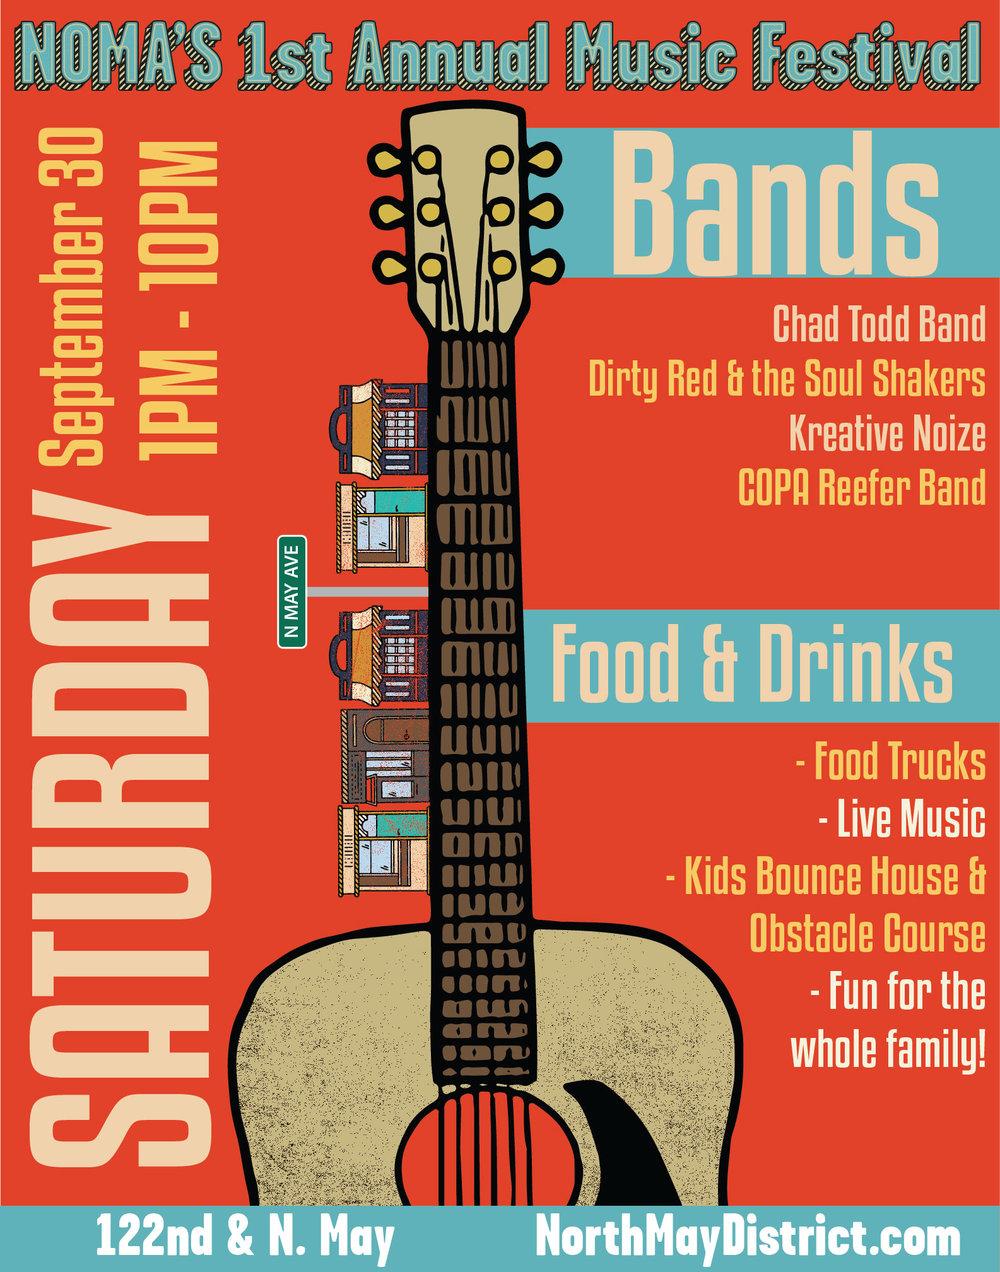 NOMA_Music Festival Poster_Poster.jpg